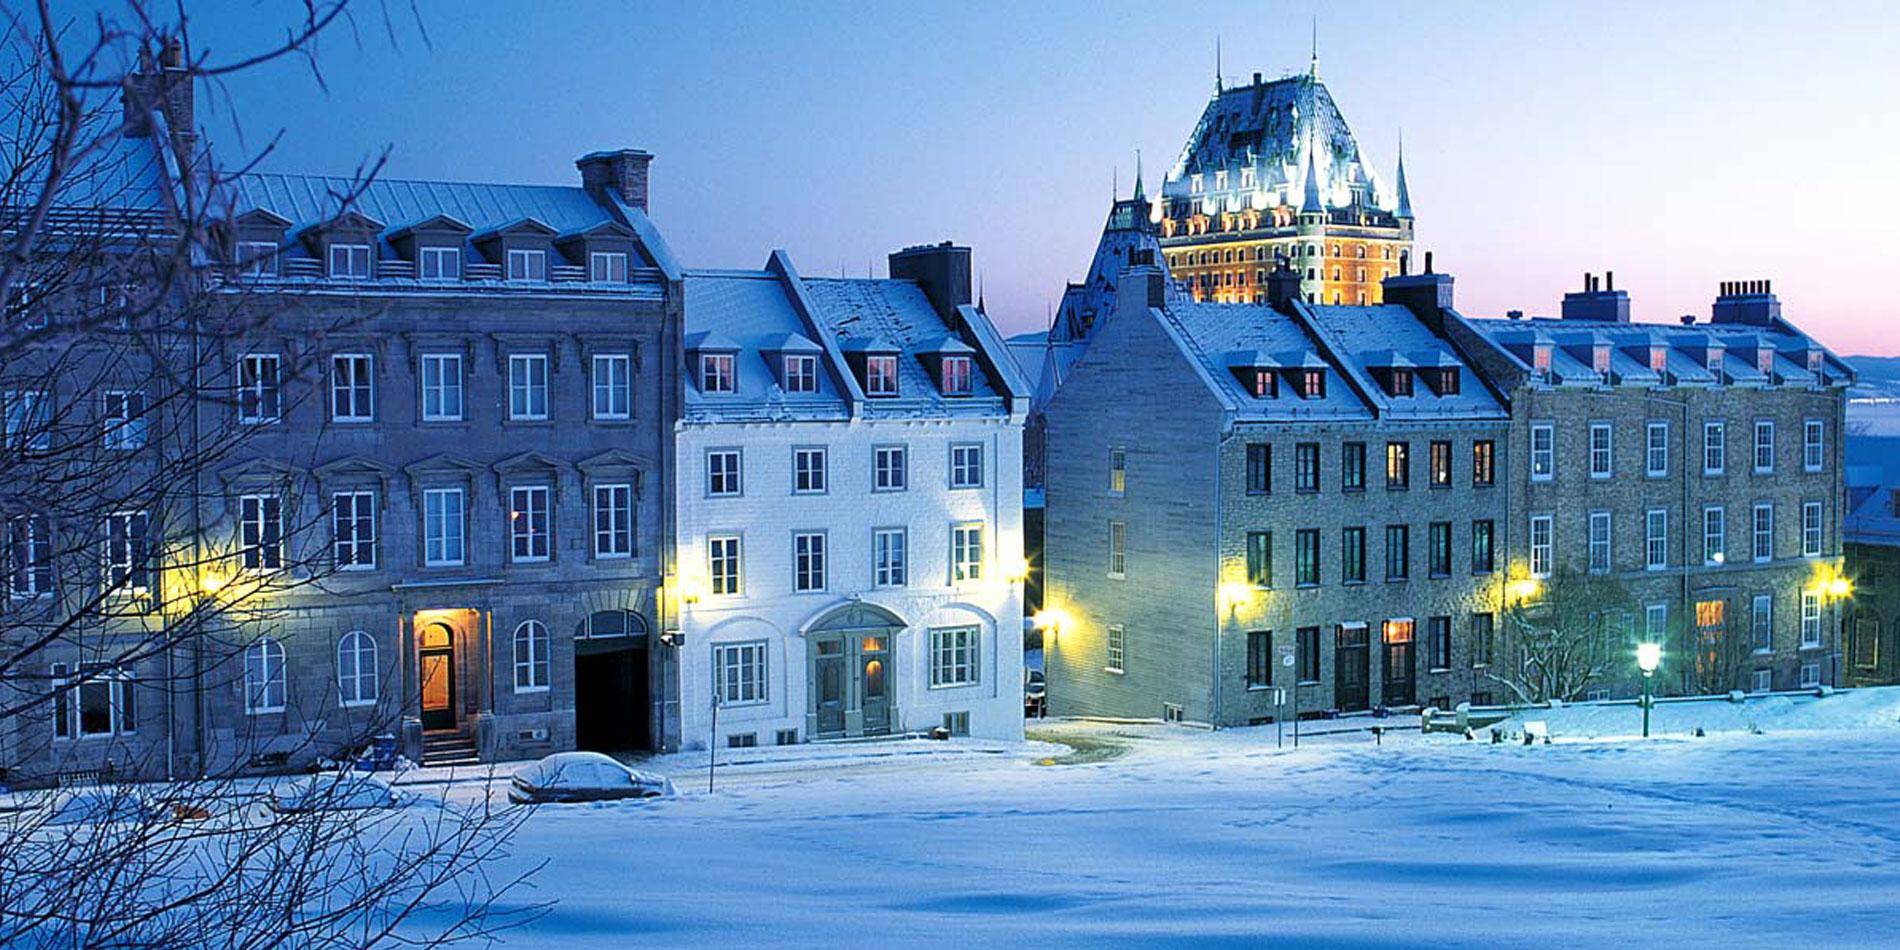 SLIDERS_HMV_Quebec27